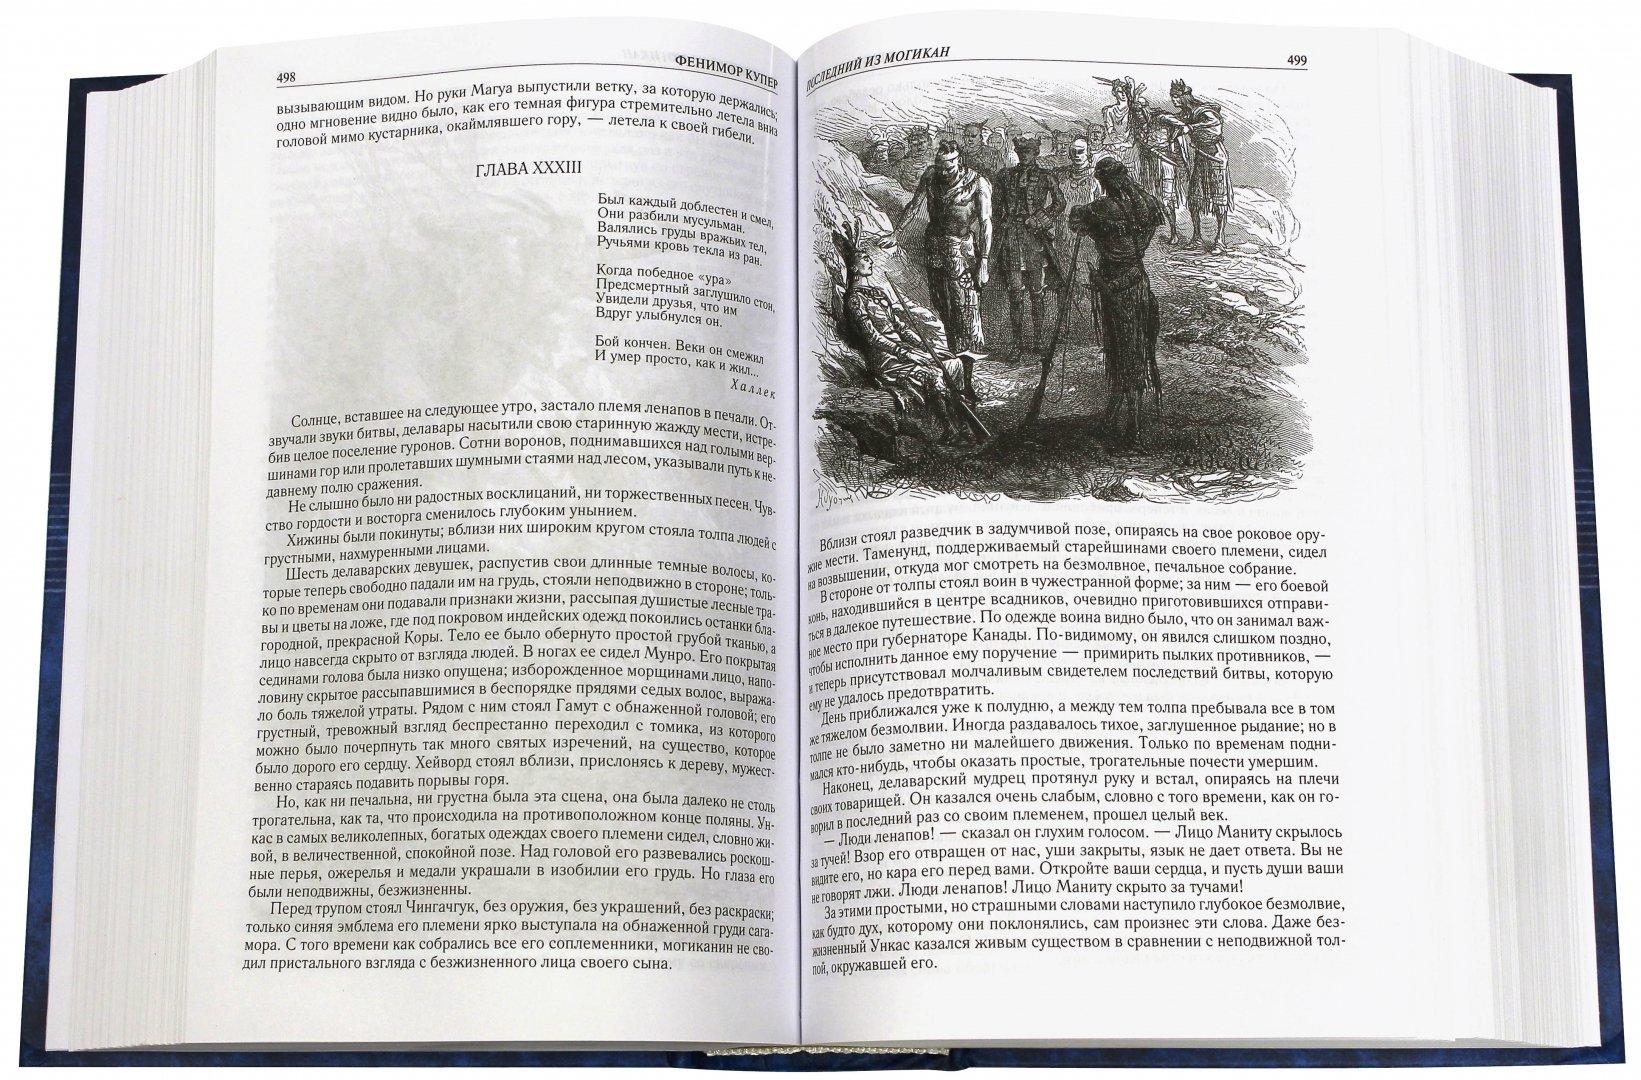 Иллюстрация 1 из 35 для Зверобой; Последний из могикан; Следопыт; Пионеры; Прерия. Полное издание в одном томе - Джеймс Купер | Лабиринт - книги. Источник: Лабиринт